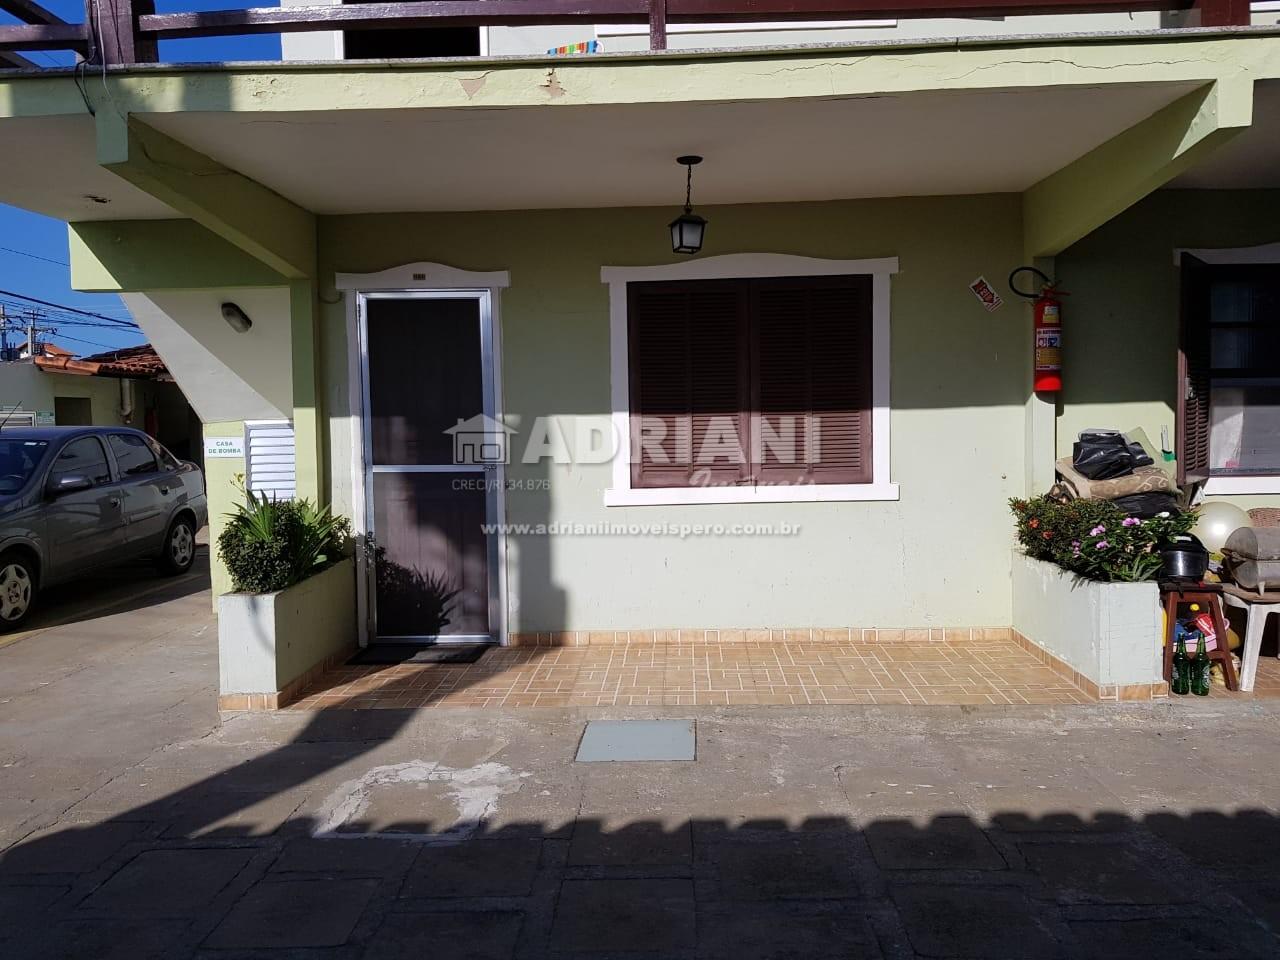 Cód 360 Casa em condomínio, 1 quarto, venda, Peró, Cabo Frio – RJ